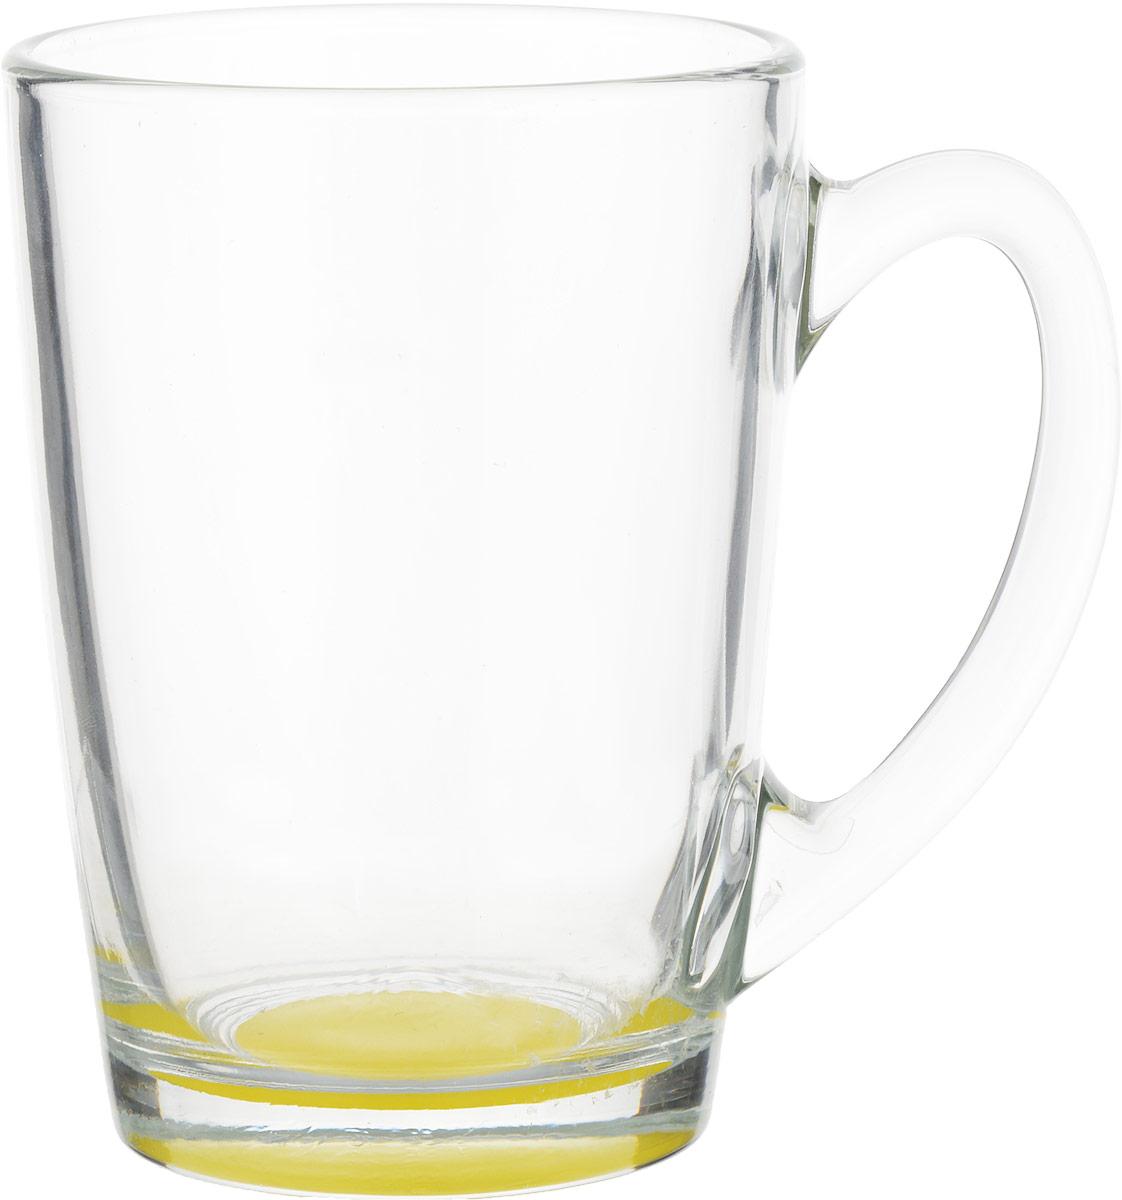 Кружка Luminarc Morning Rainbow, цвет: прозрачный, желтый, 320 млJ5974_желтыйКружка Luminarc Morning Rainbow изготовлена из упрочненного стекла. Такая кружка прекрасно подойдет для горячих и холодных напитков. Она дополнит коллекцию вашей кухонной посуды и будет служить долгие годы. Диаметр кружки (по верхнему краю): 8 см. Высота стенки кружки: 11 см.Бренд Luminarc – это один из лидеров мирового рынка по производству посуды и товаров для дома. В основе процесса изготовления лежит высококачественное сырье, а также строгий контроль качества.